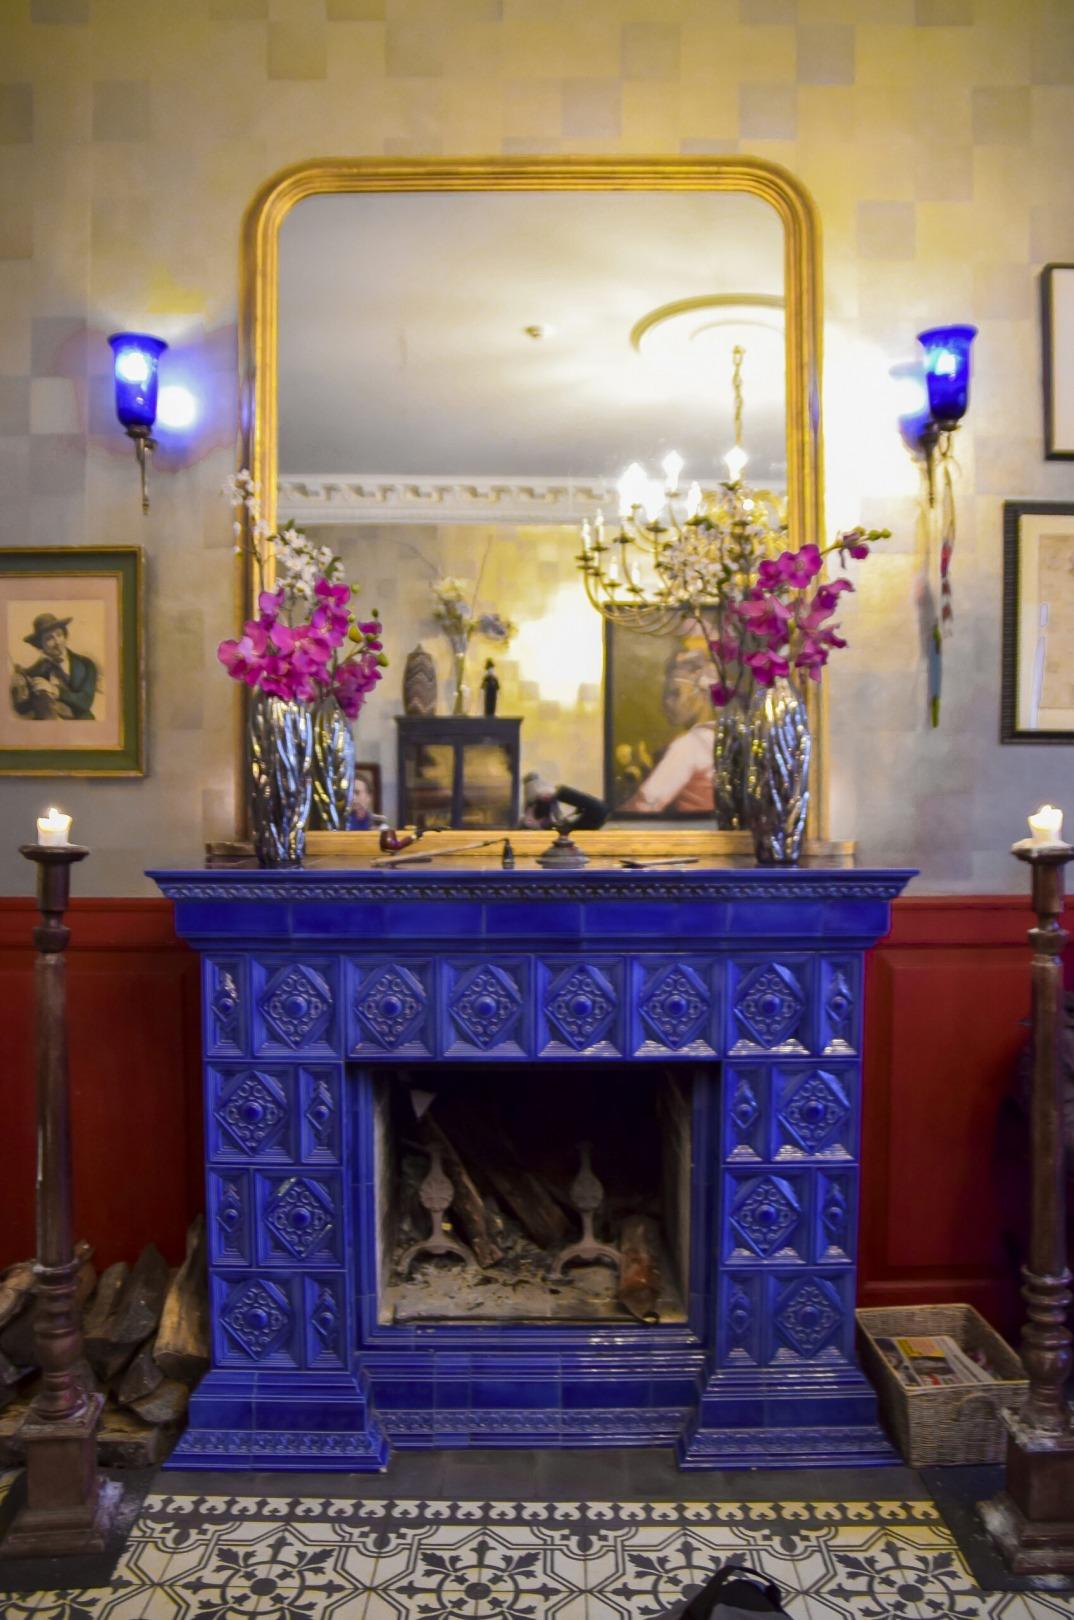 Tallinn28 scaled - Kau Manor: puur ontspannen in een historisch landhuis in Estland